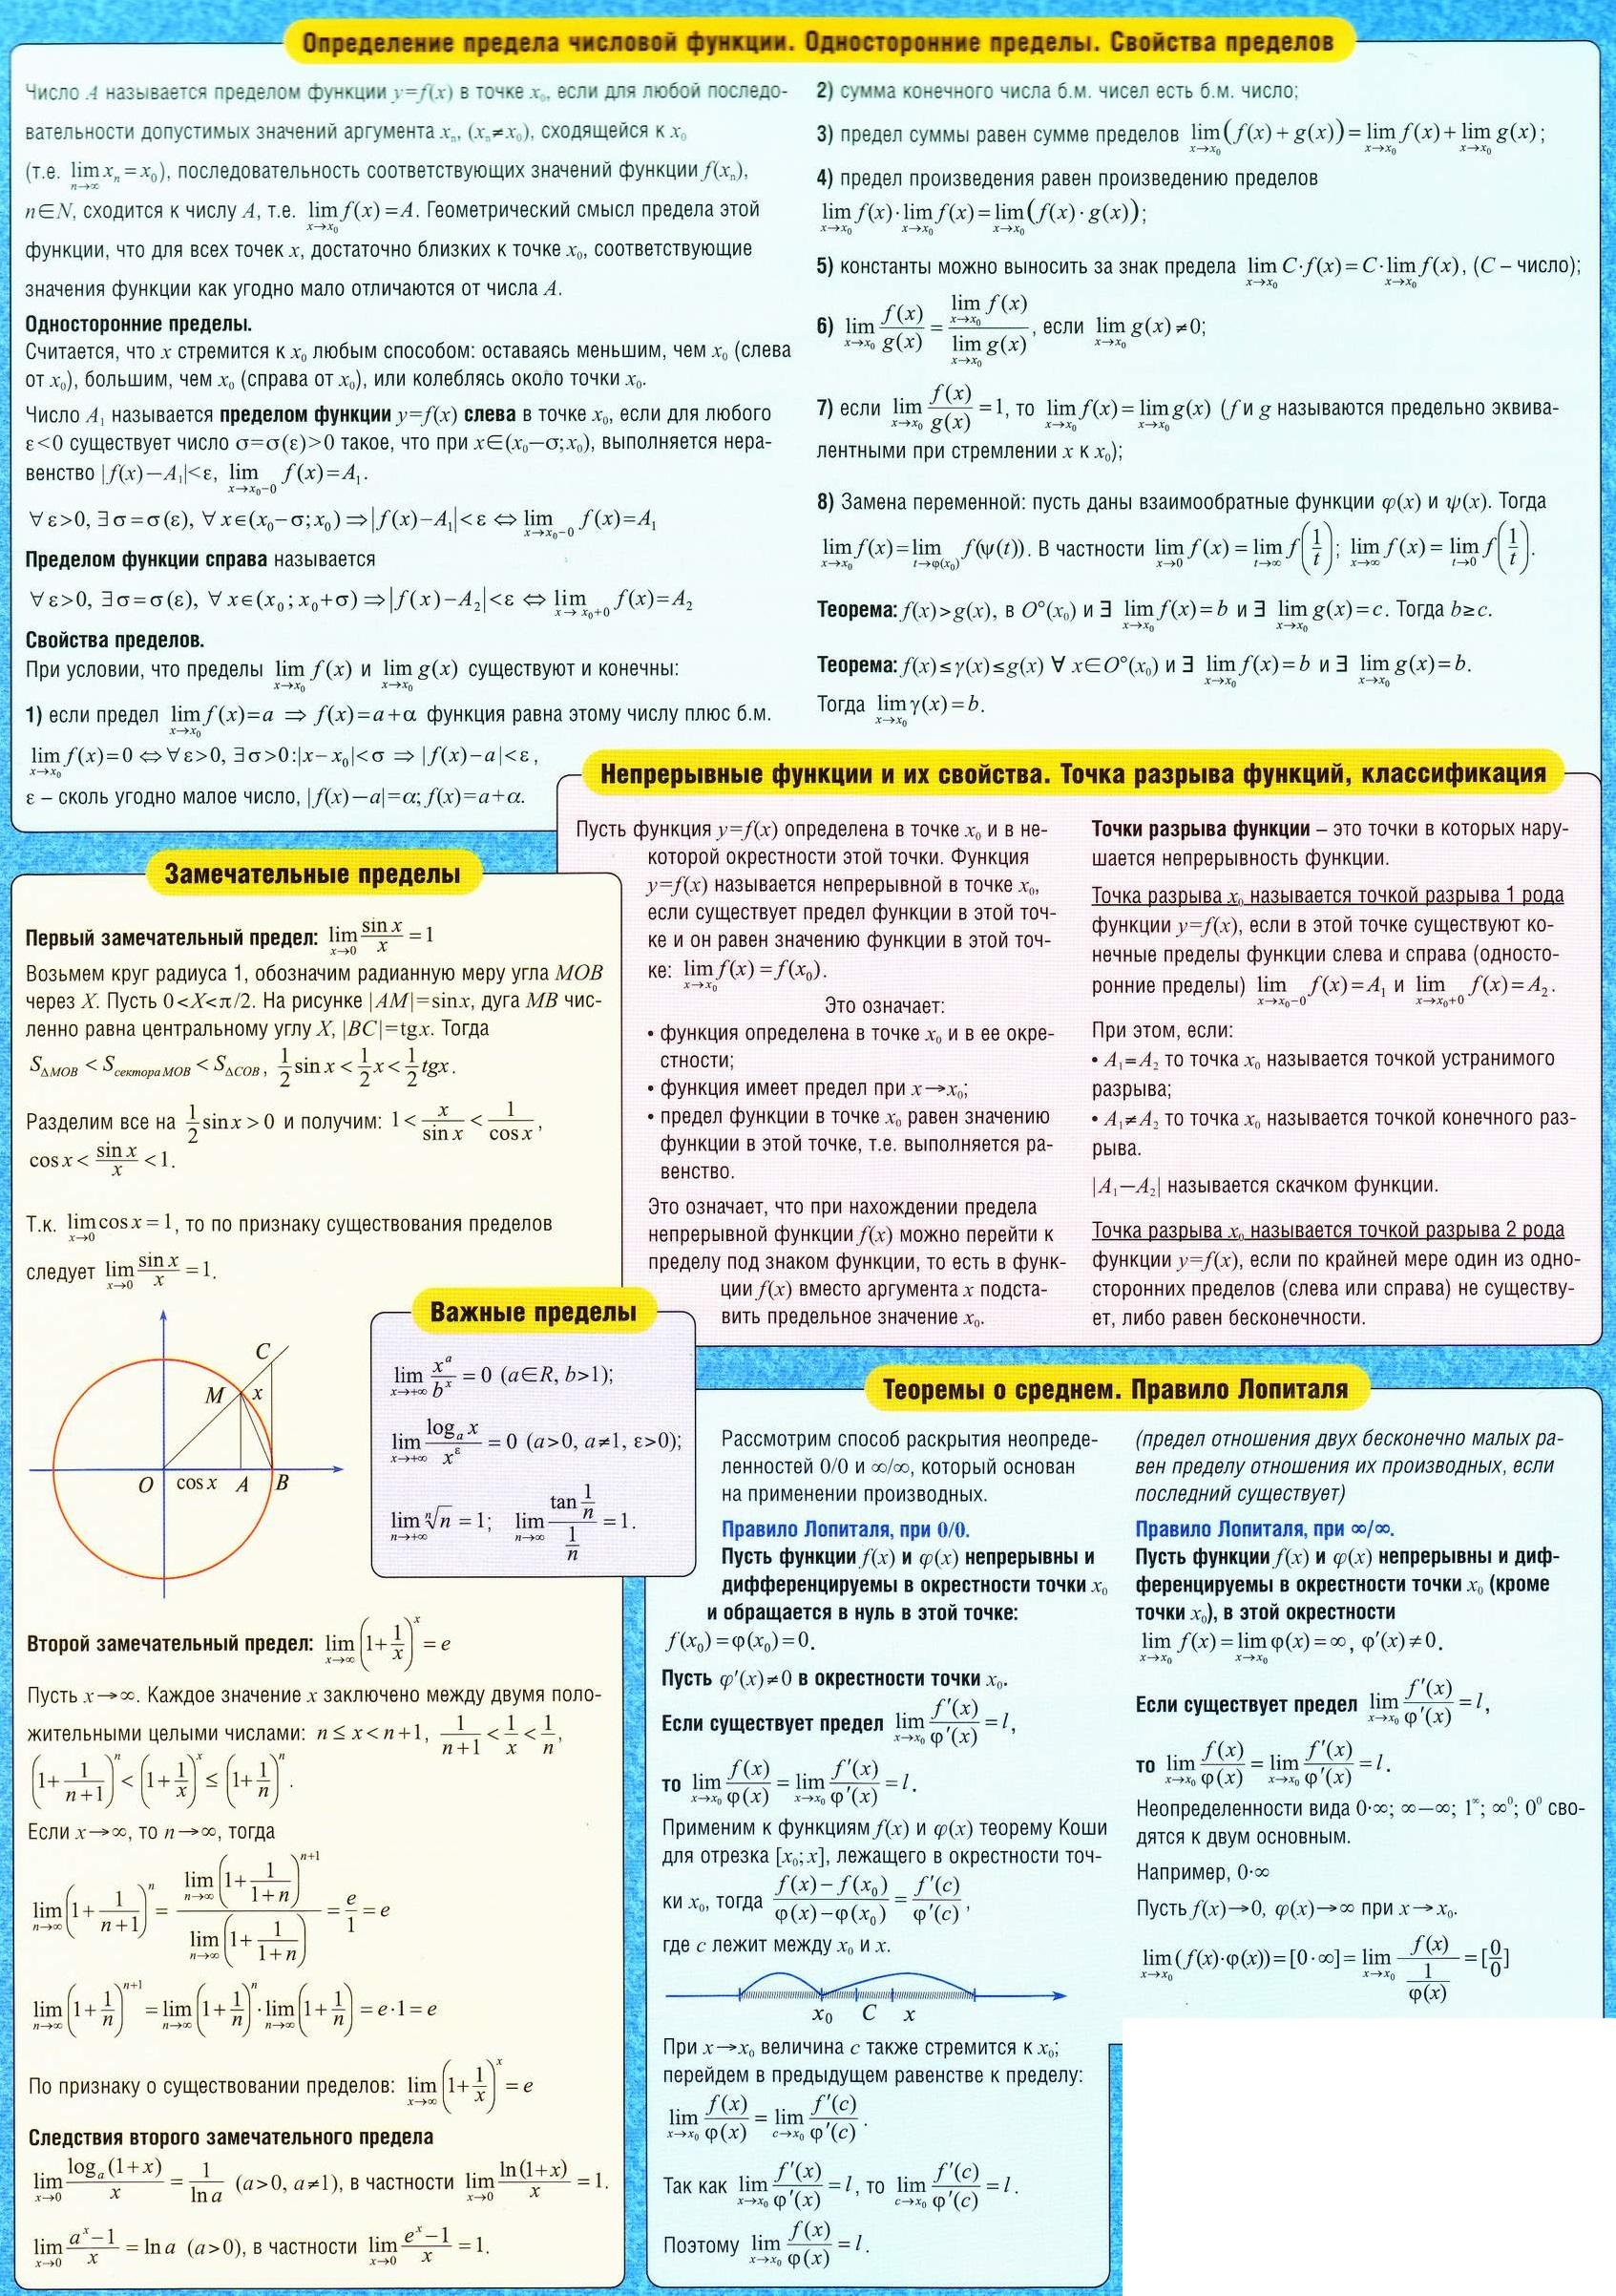 Определение предела числовой функции. Односторонние пределы. Свойства пределов. Непрерывные функции и их свойства. Точки разрыва и их классификации. Замечательные пределы. Важные пределы. Теоремы о среднем. Правило Лопиталя.